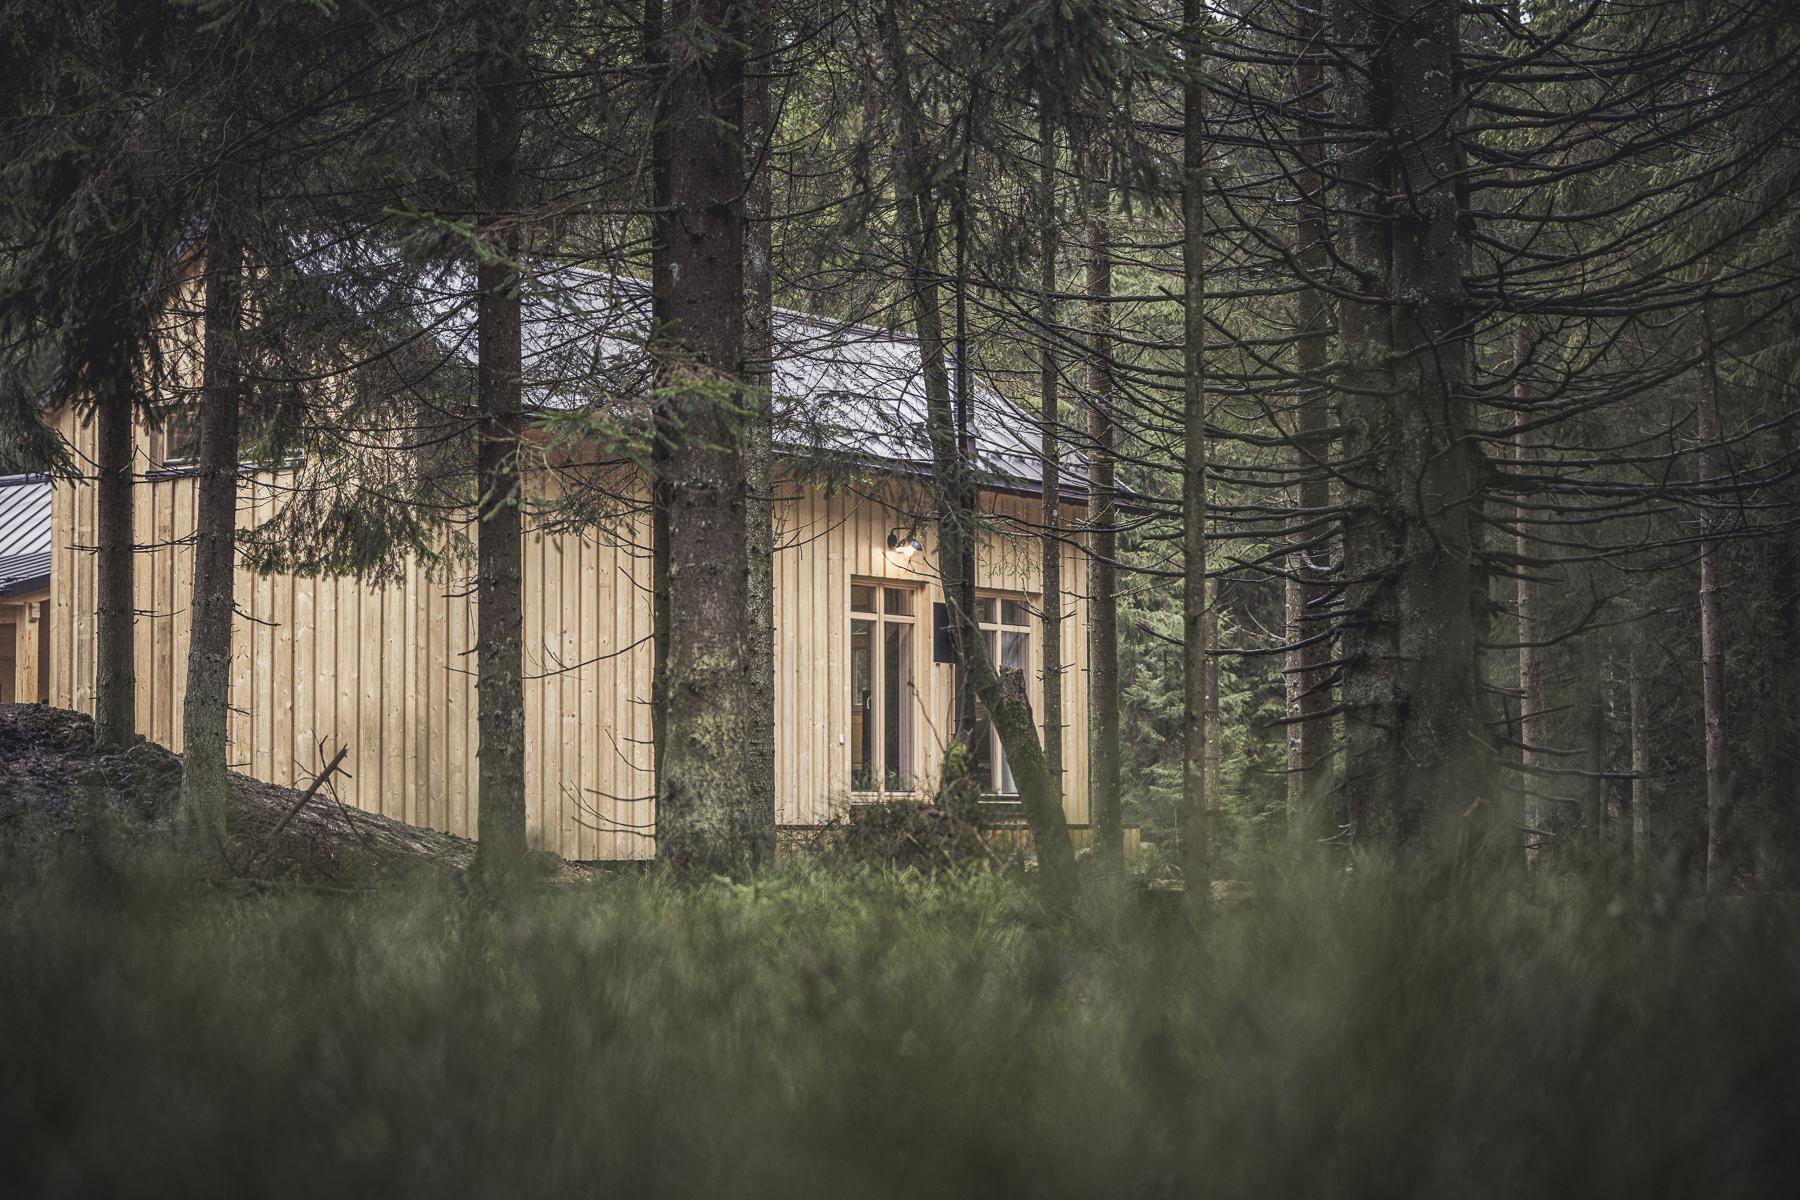 Eingebettet in die Natur bieten die besonders eingerichteten Holzhütten ein Walderlebnis besonderer Art. Fotocredit: © Jan Hanser